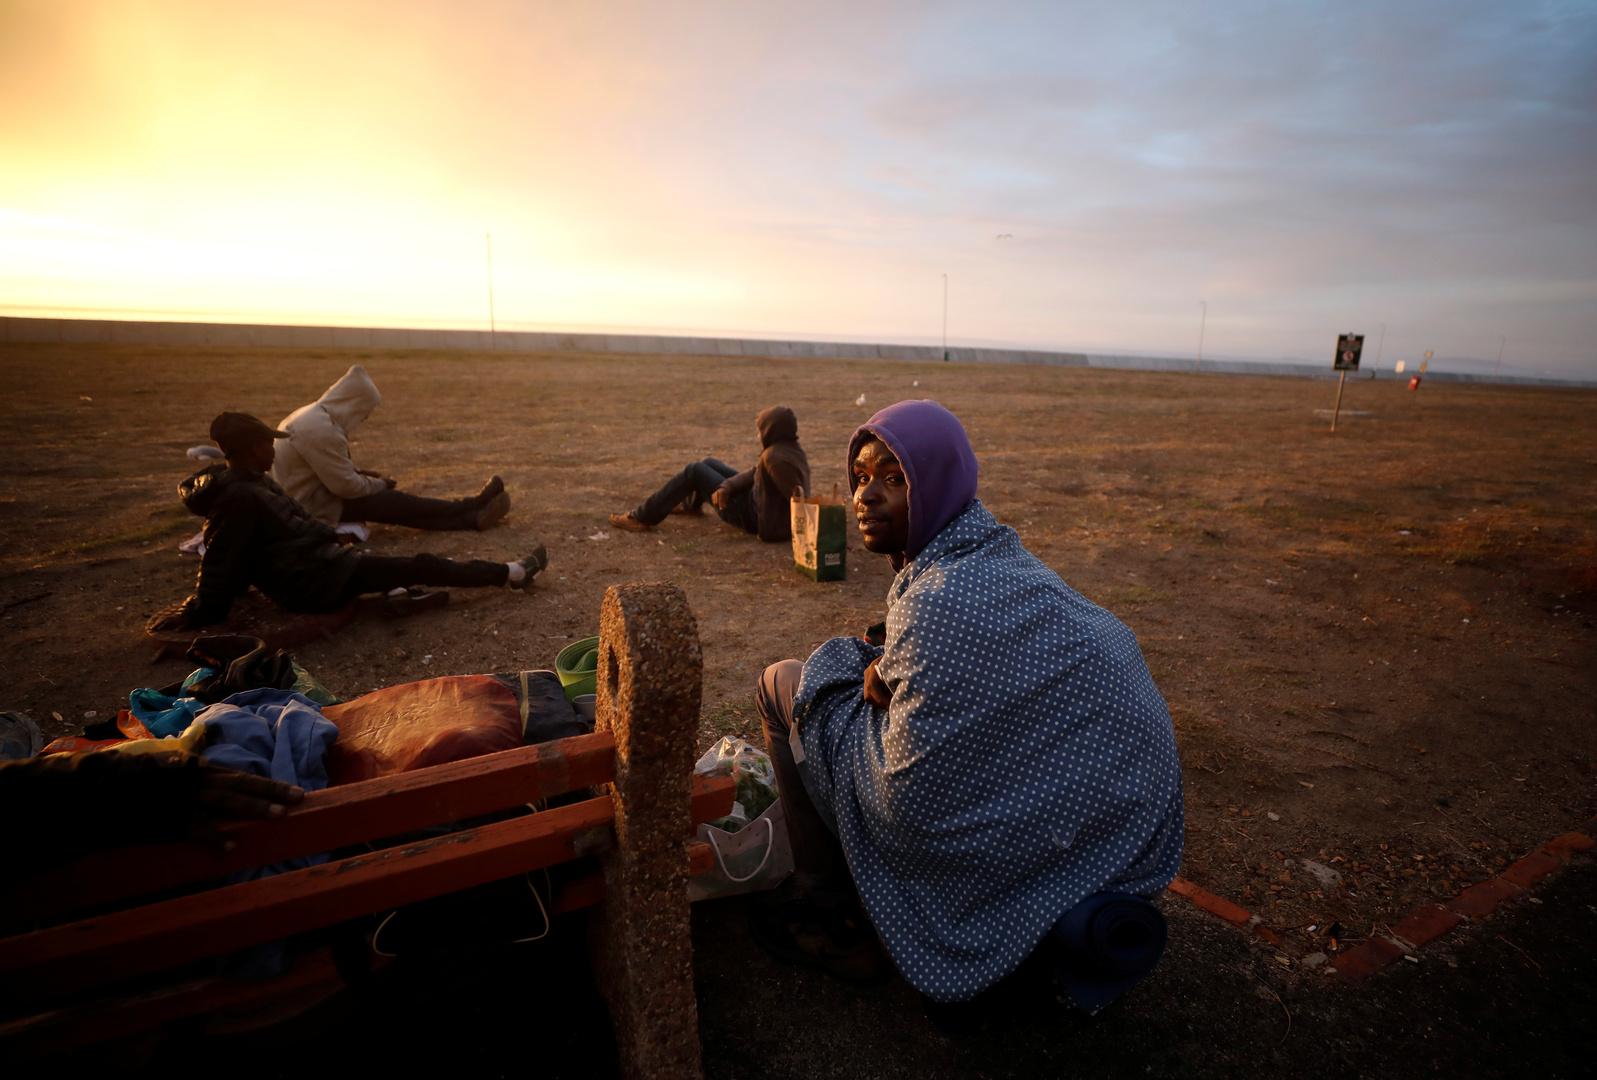 الصحة العالمية تتوقع إصابة ربع مليار شخص بكورونا في إفريقيا خلال عام